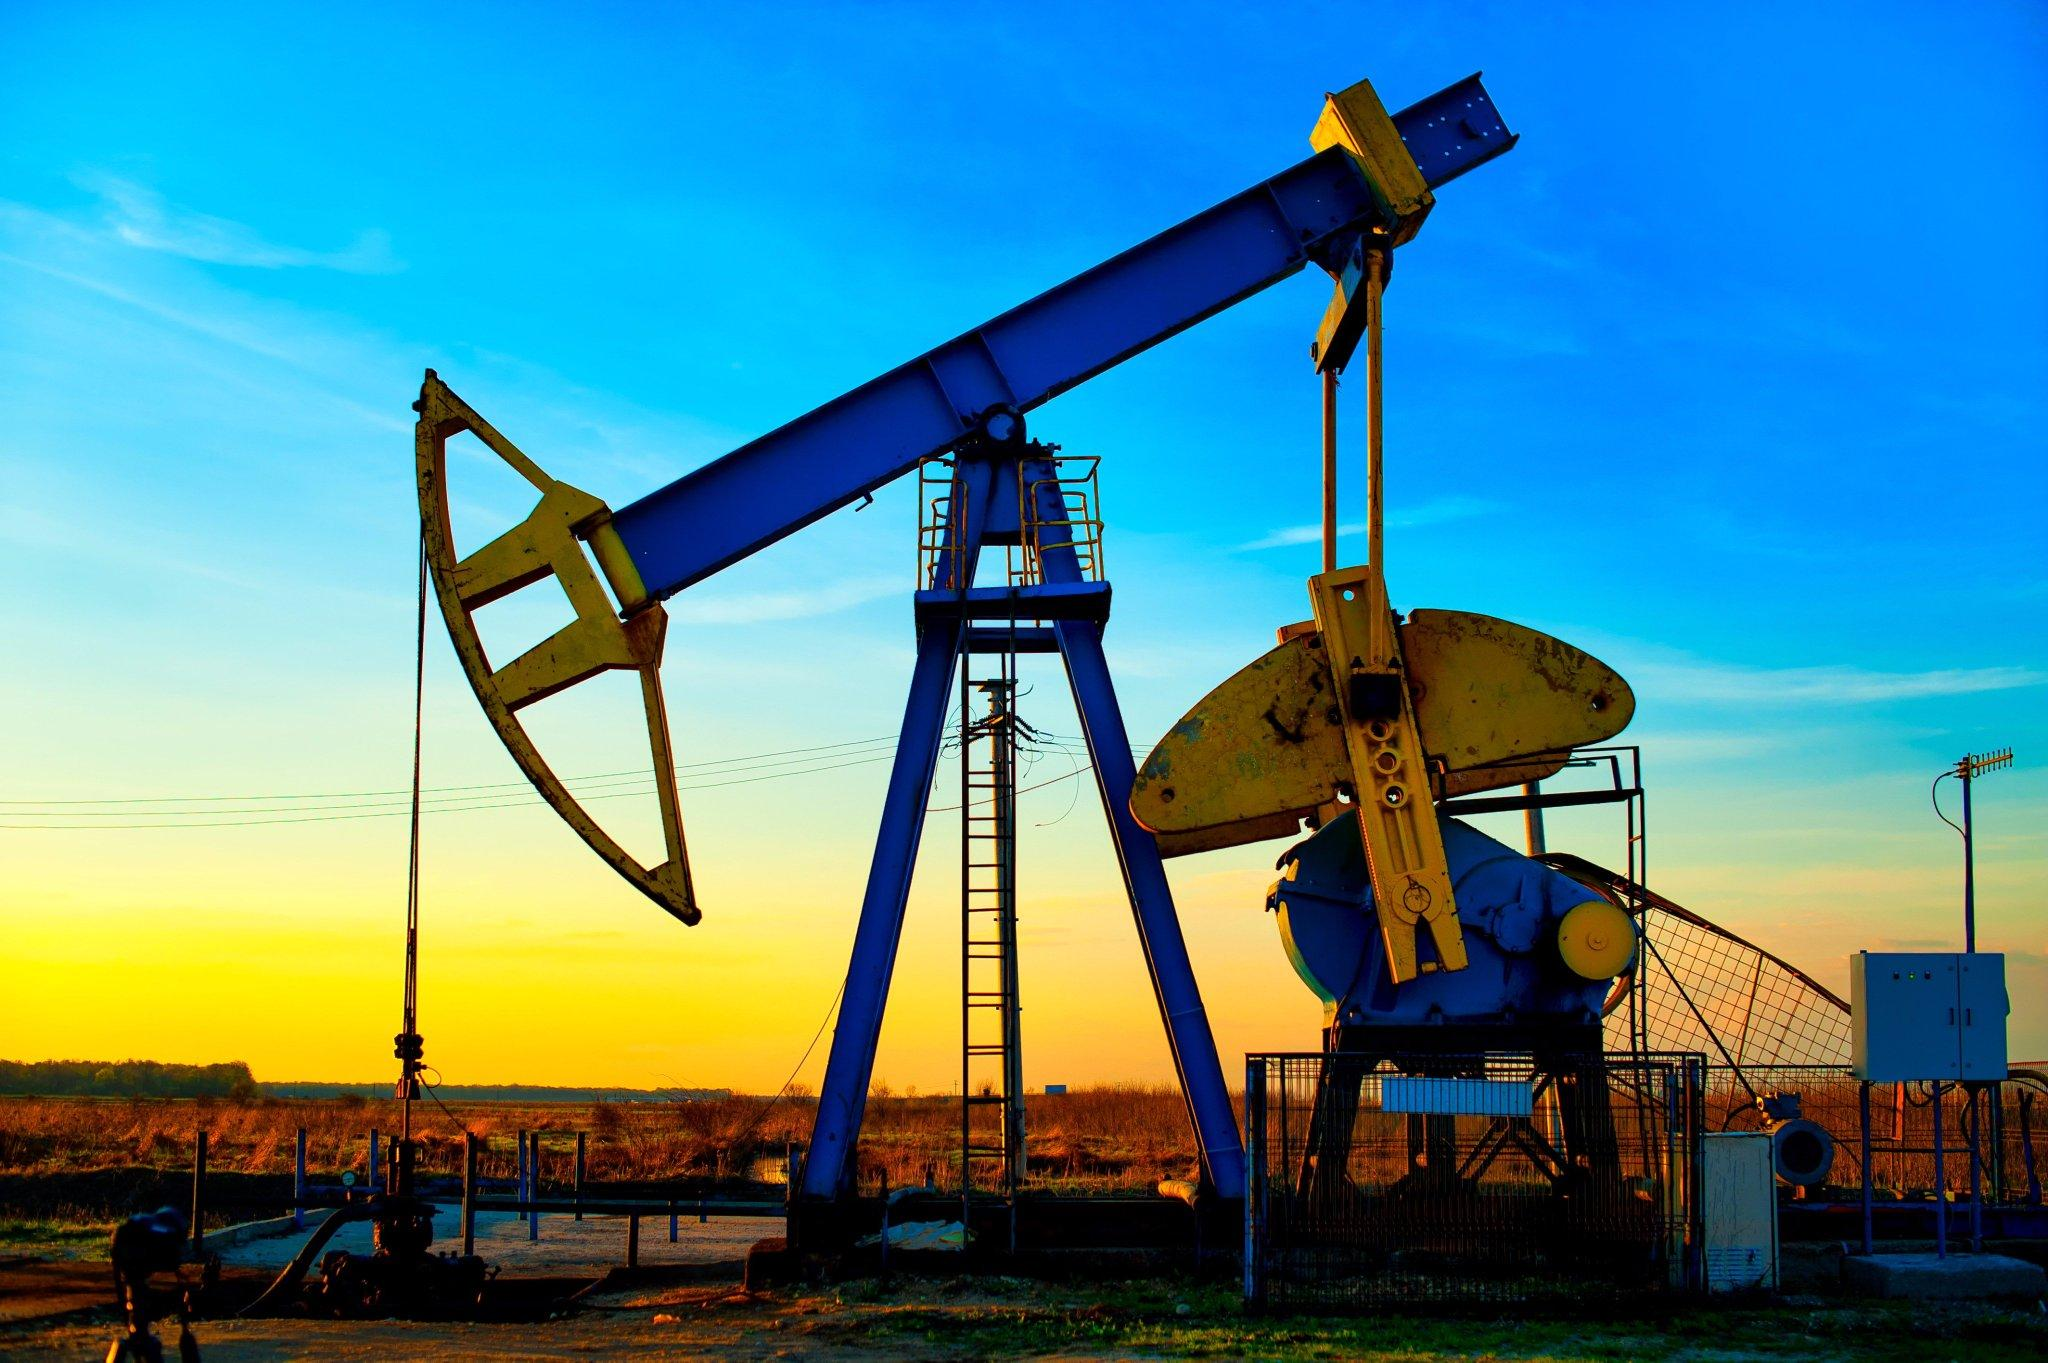 Рис. 3. Нефтедобывающие установки